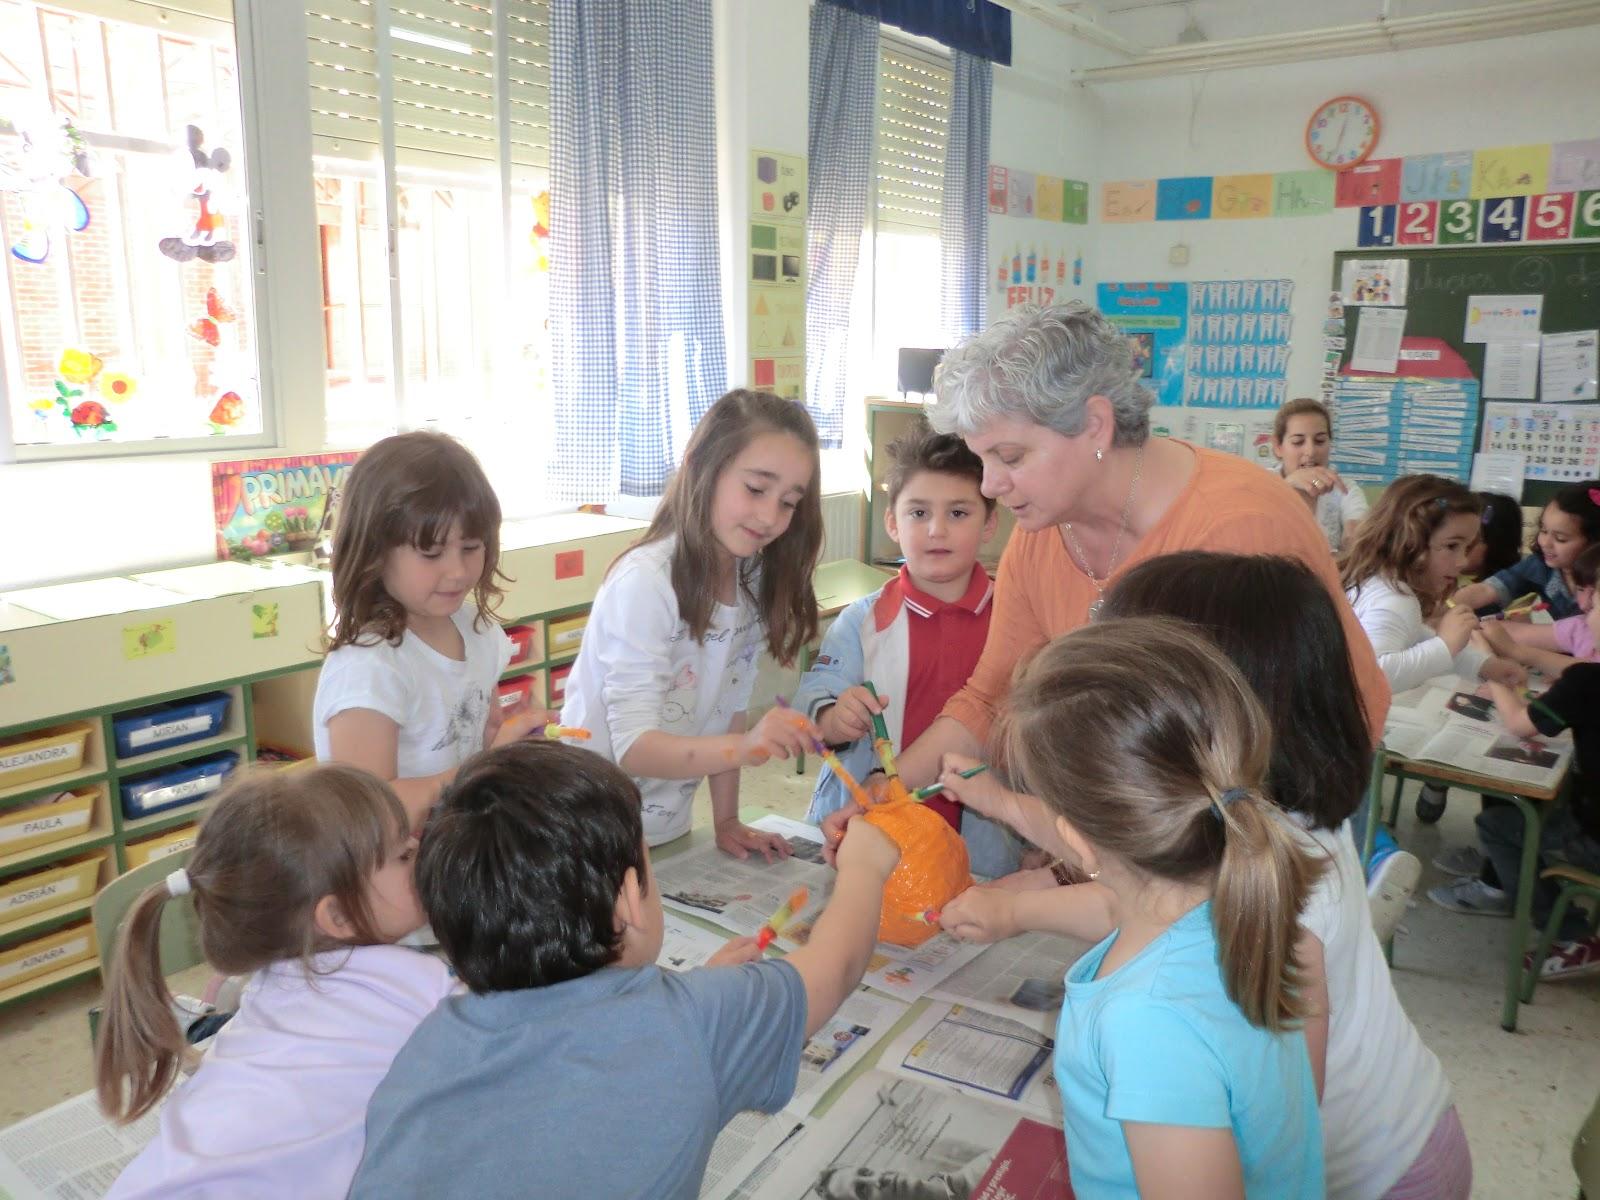 Aprendiendo con mae convertimos nuestra clase en un for En nuestra clase